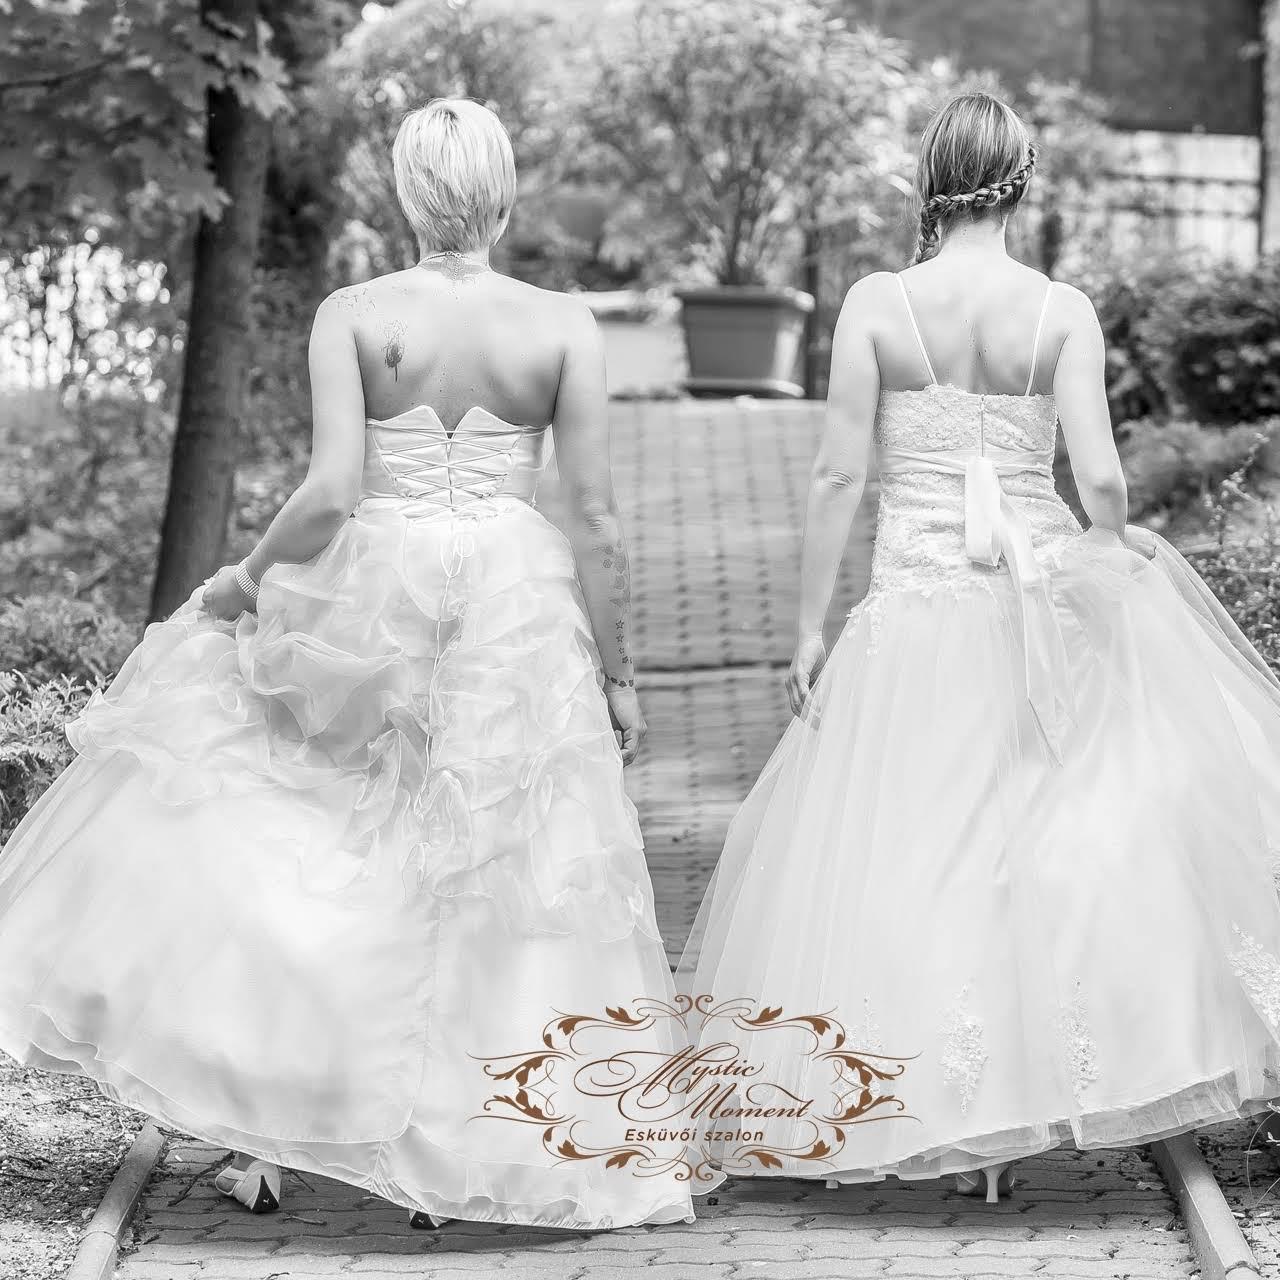 d66db25494 Mystic Moment Menyasszonyi Ruhaszalon Gyömrő - Menyasszonyi ruhák és ...